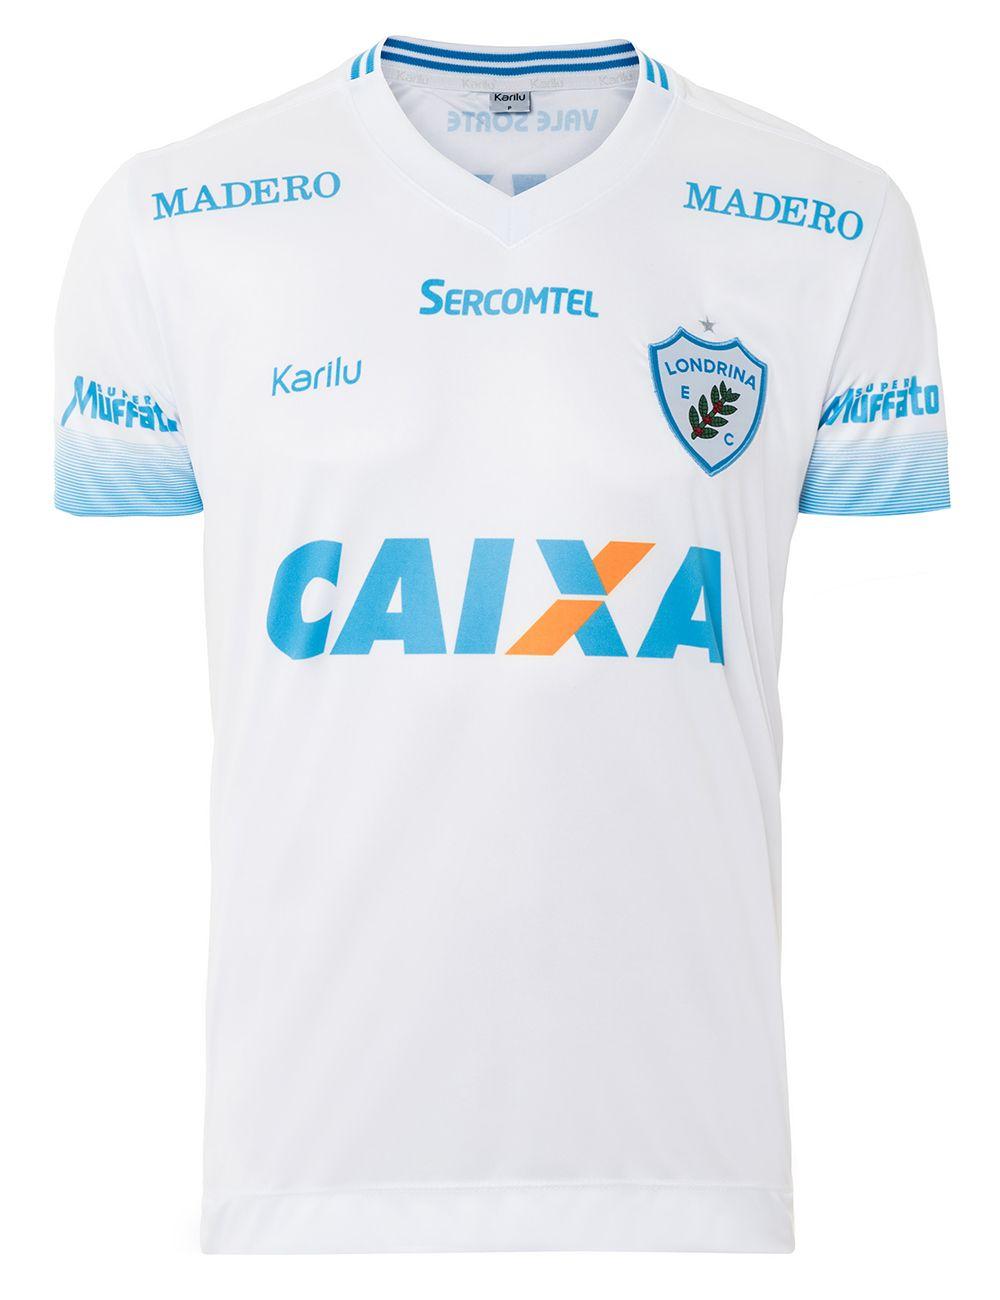 Camisa oficial do Londrina - Branco - BRASILEIRÃO 2017 na Karilu d3b991b0b2b09